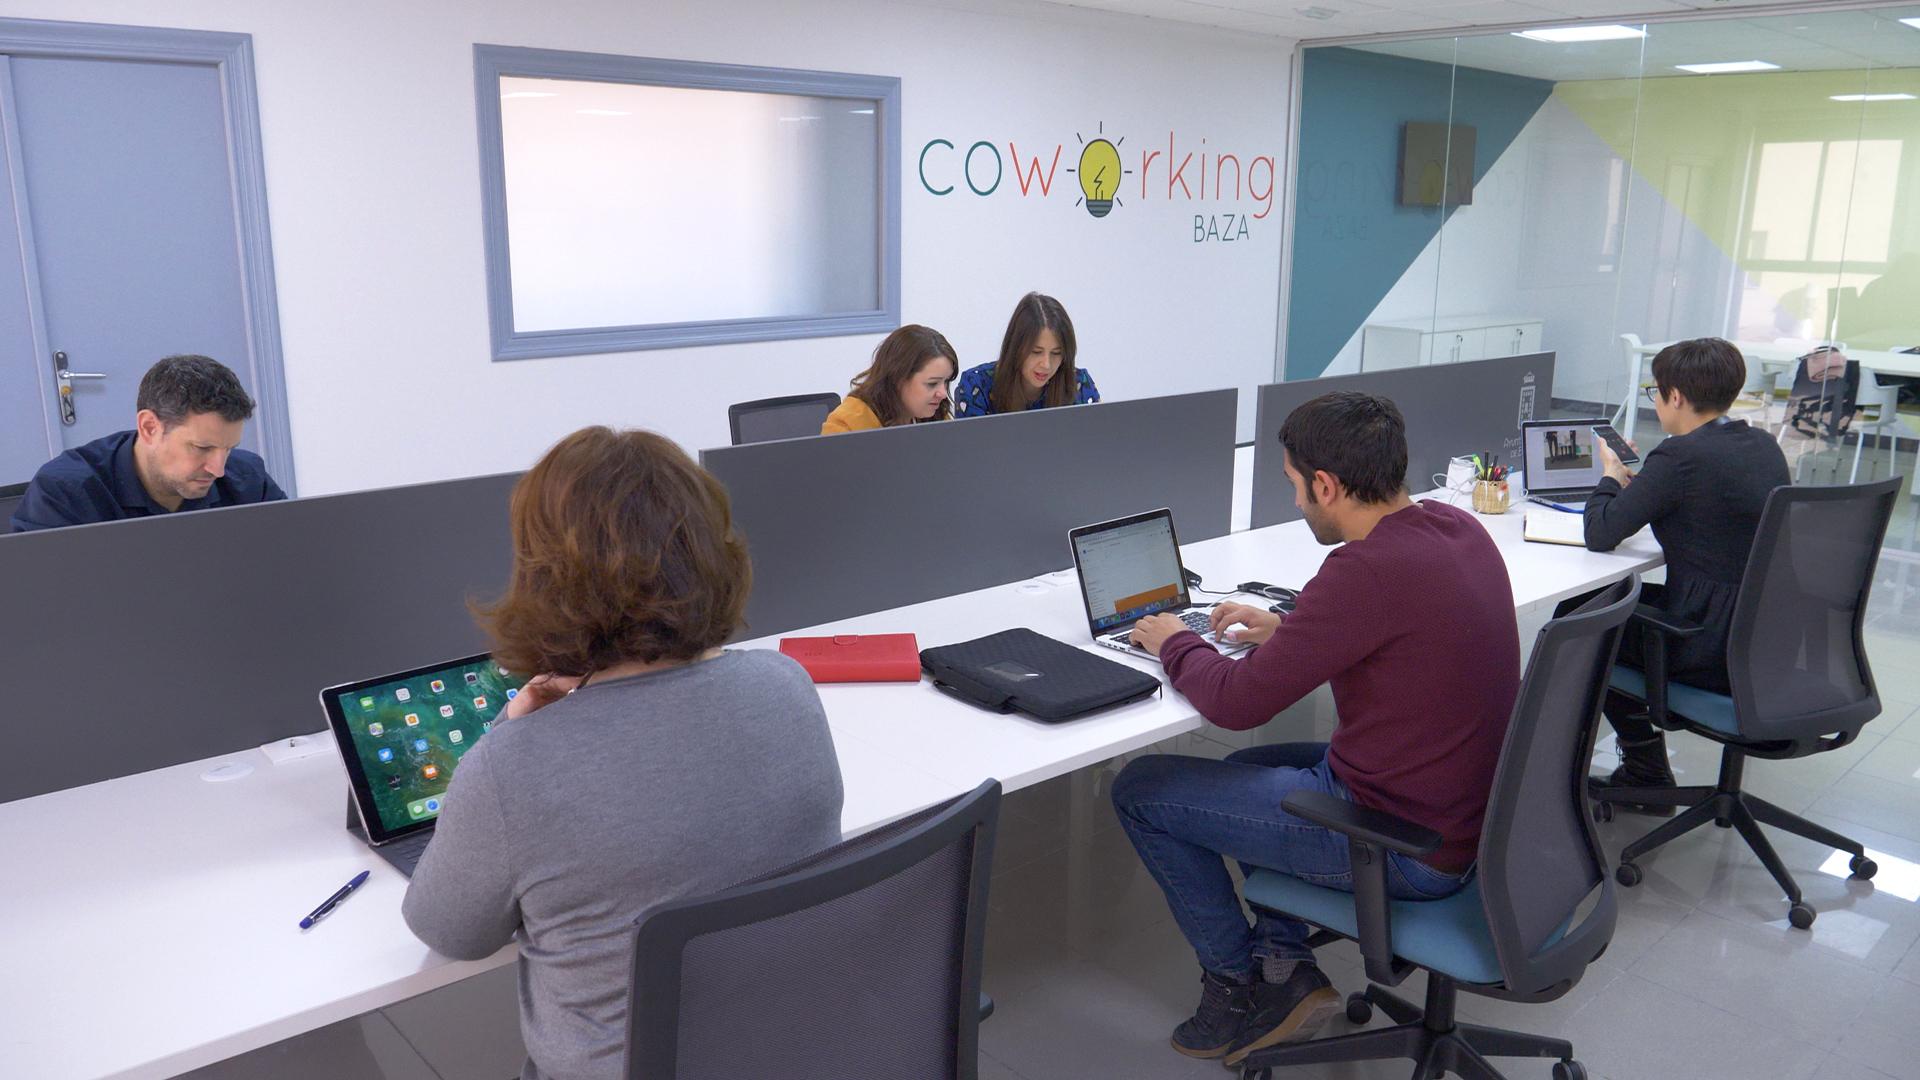 Coworking Baza